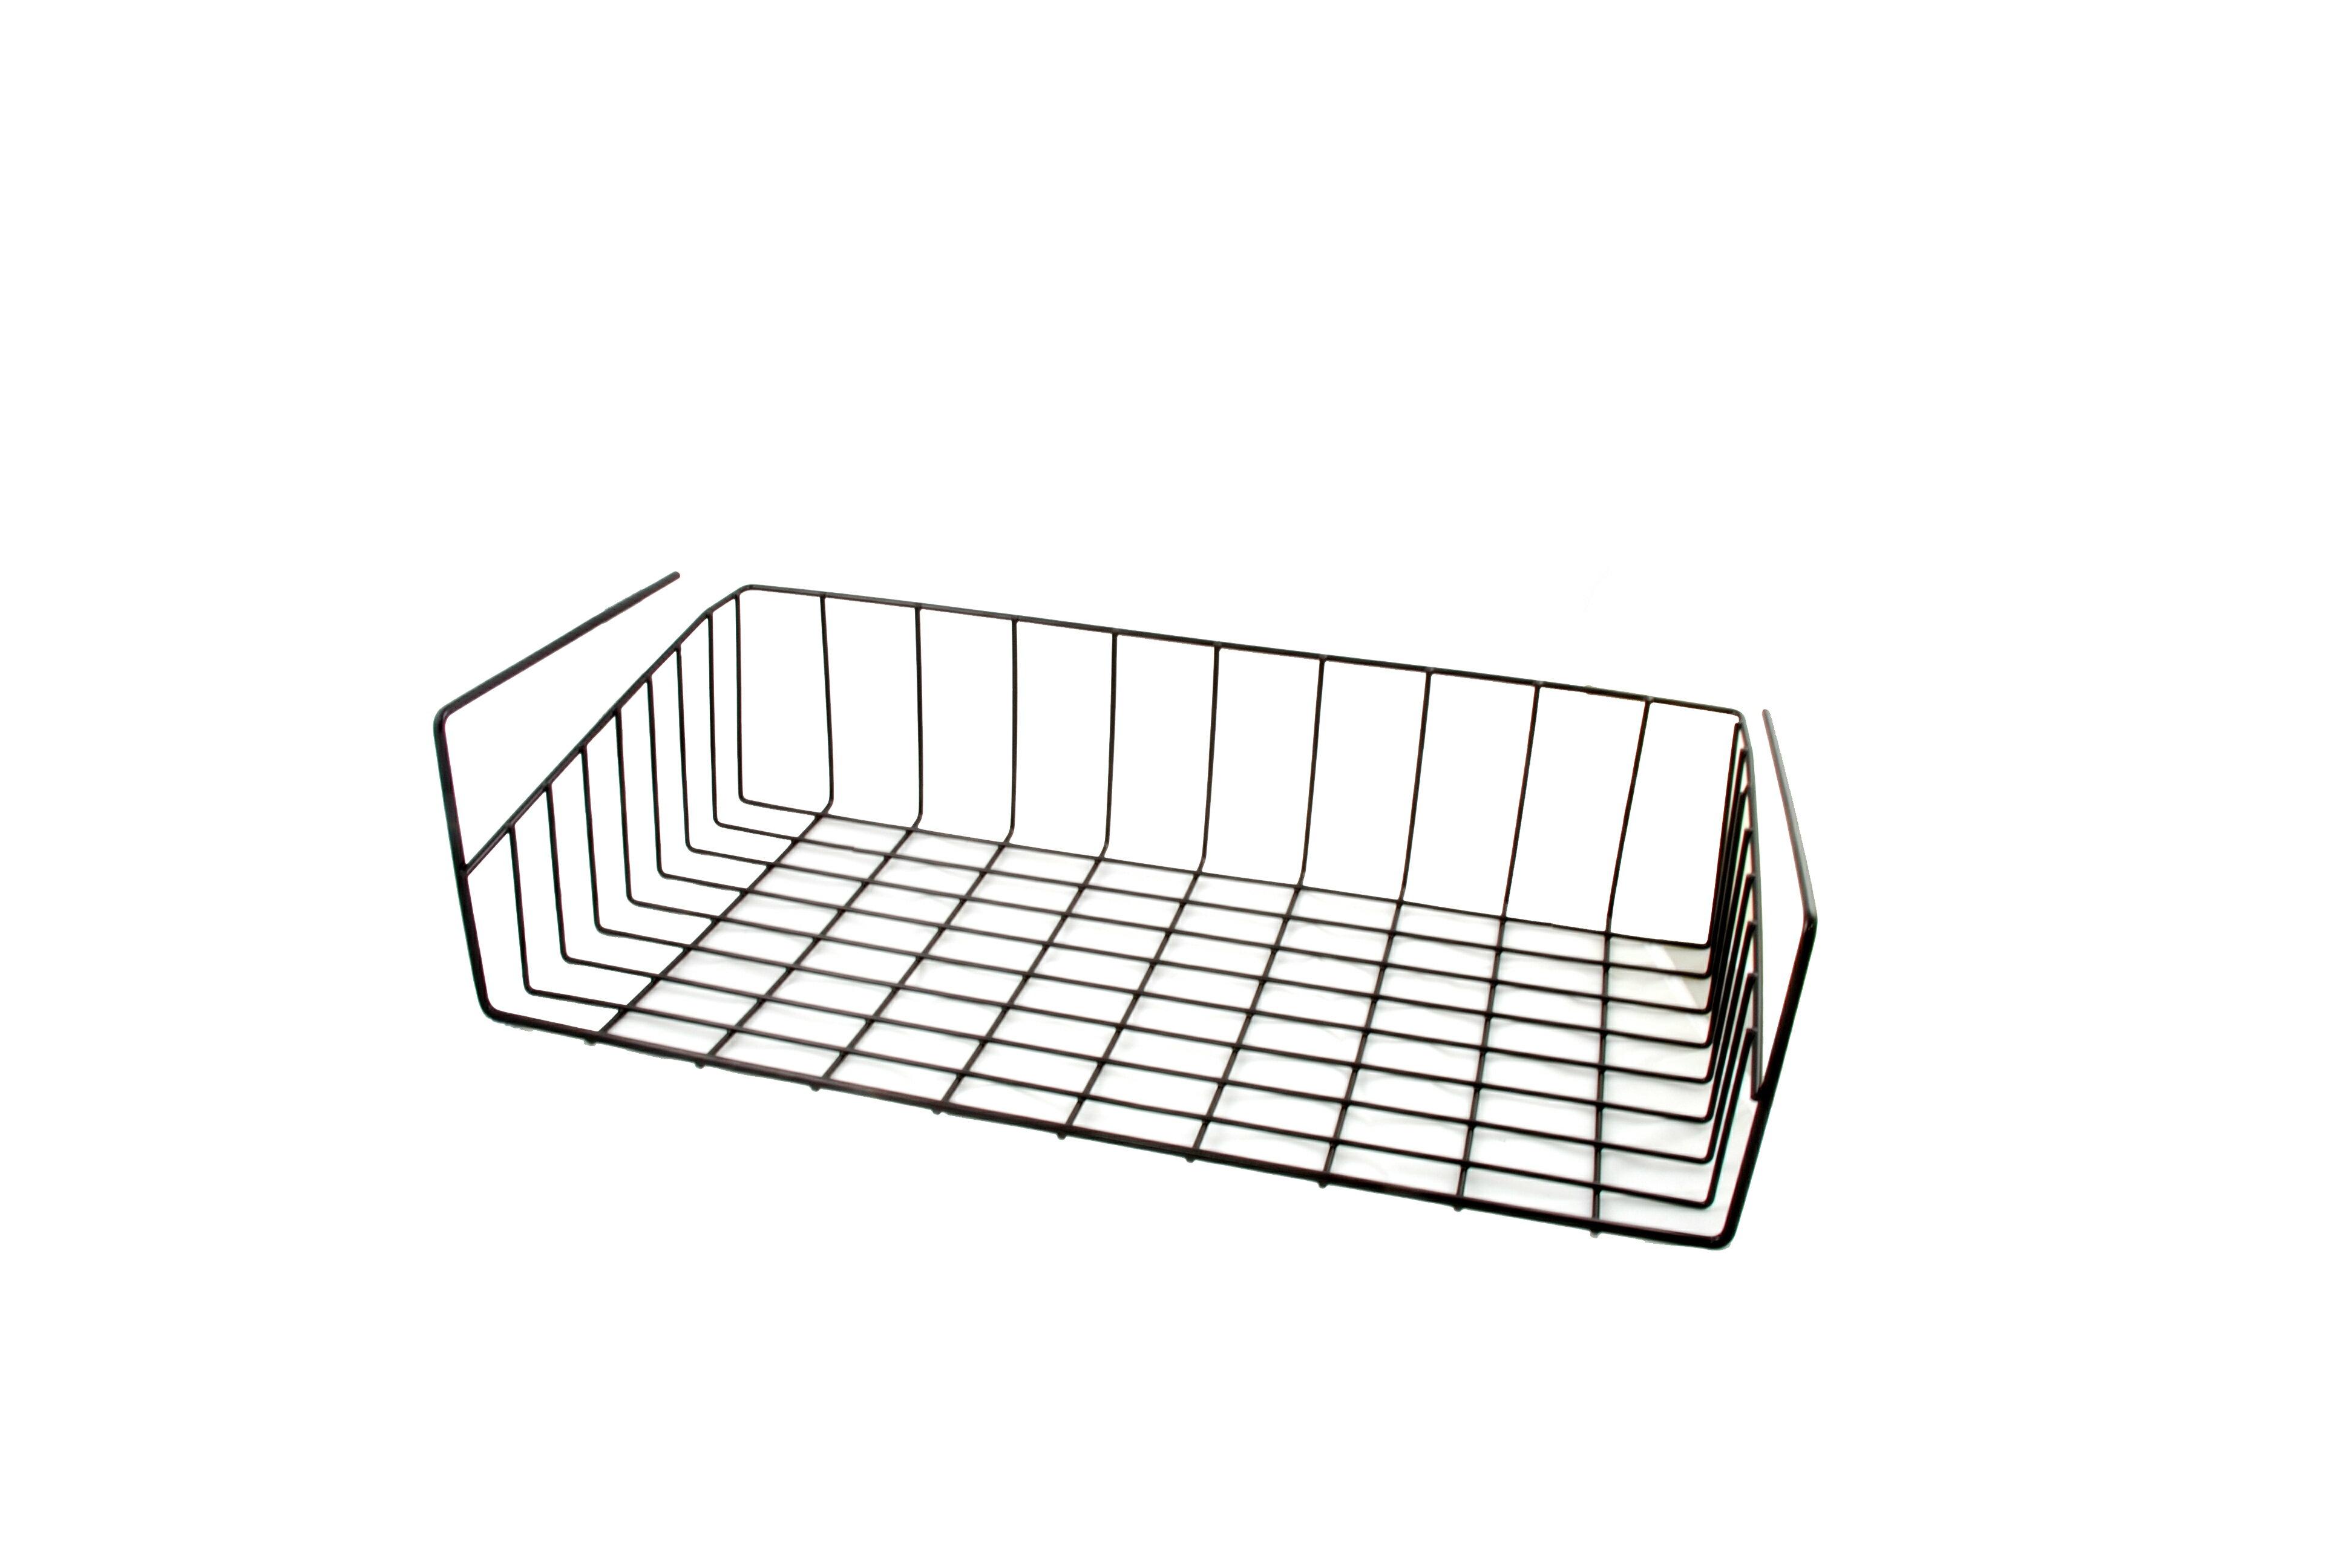 【凱樂絲】媽咪好幫手DIY櫃子鐵線收納籃(吊架式) - 小型, 垂直空間利用-組合式  廚房, 浴室, 客廳, 衣櫃, 櫥櫃適用 6